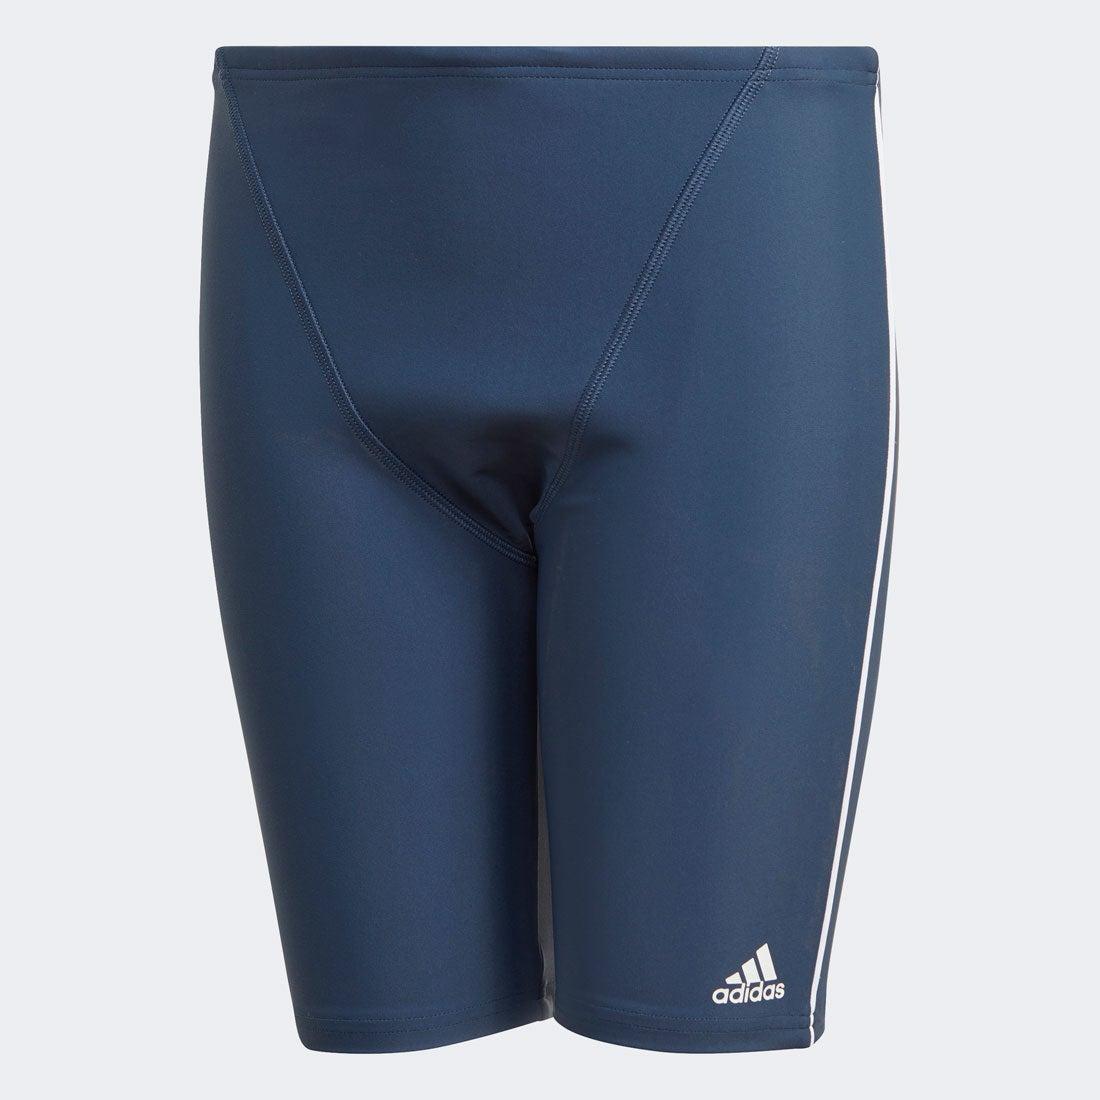 アディダス adidas ロゴ スイムパンツ / Logo Jammers 【返品不可商品】(ブルー)